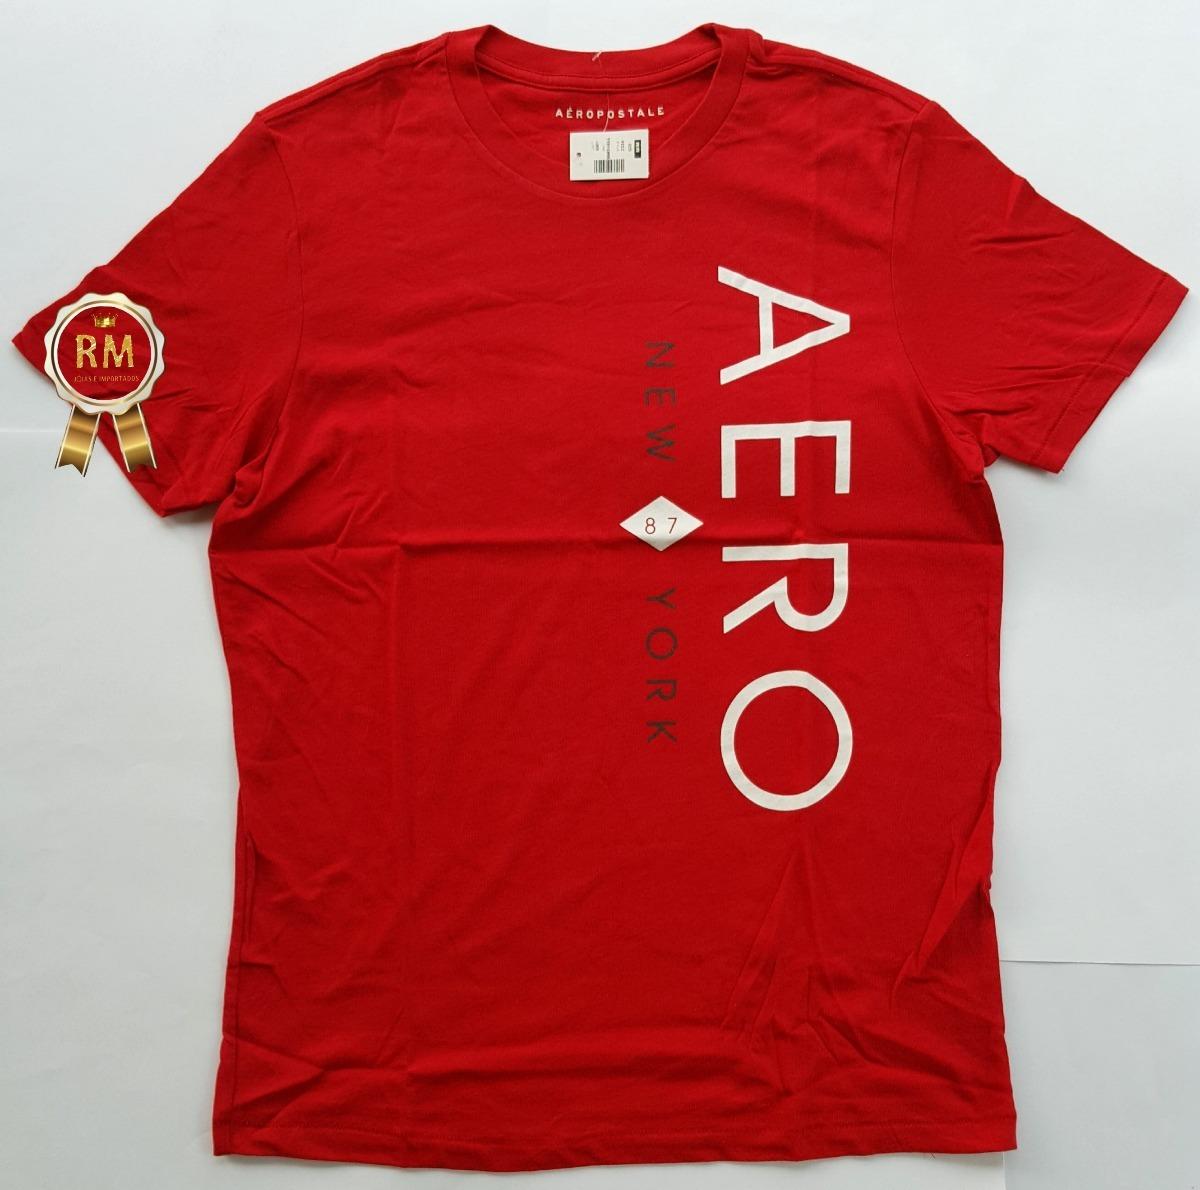 5059cc1fafc88 camiseta camisa blusas aéropostale original pronta entrega. Carregando zoom.